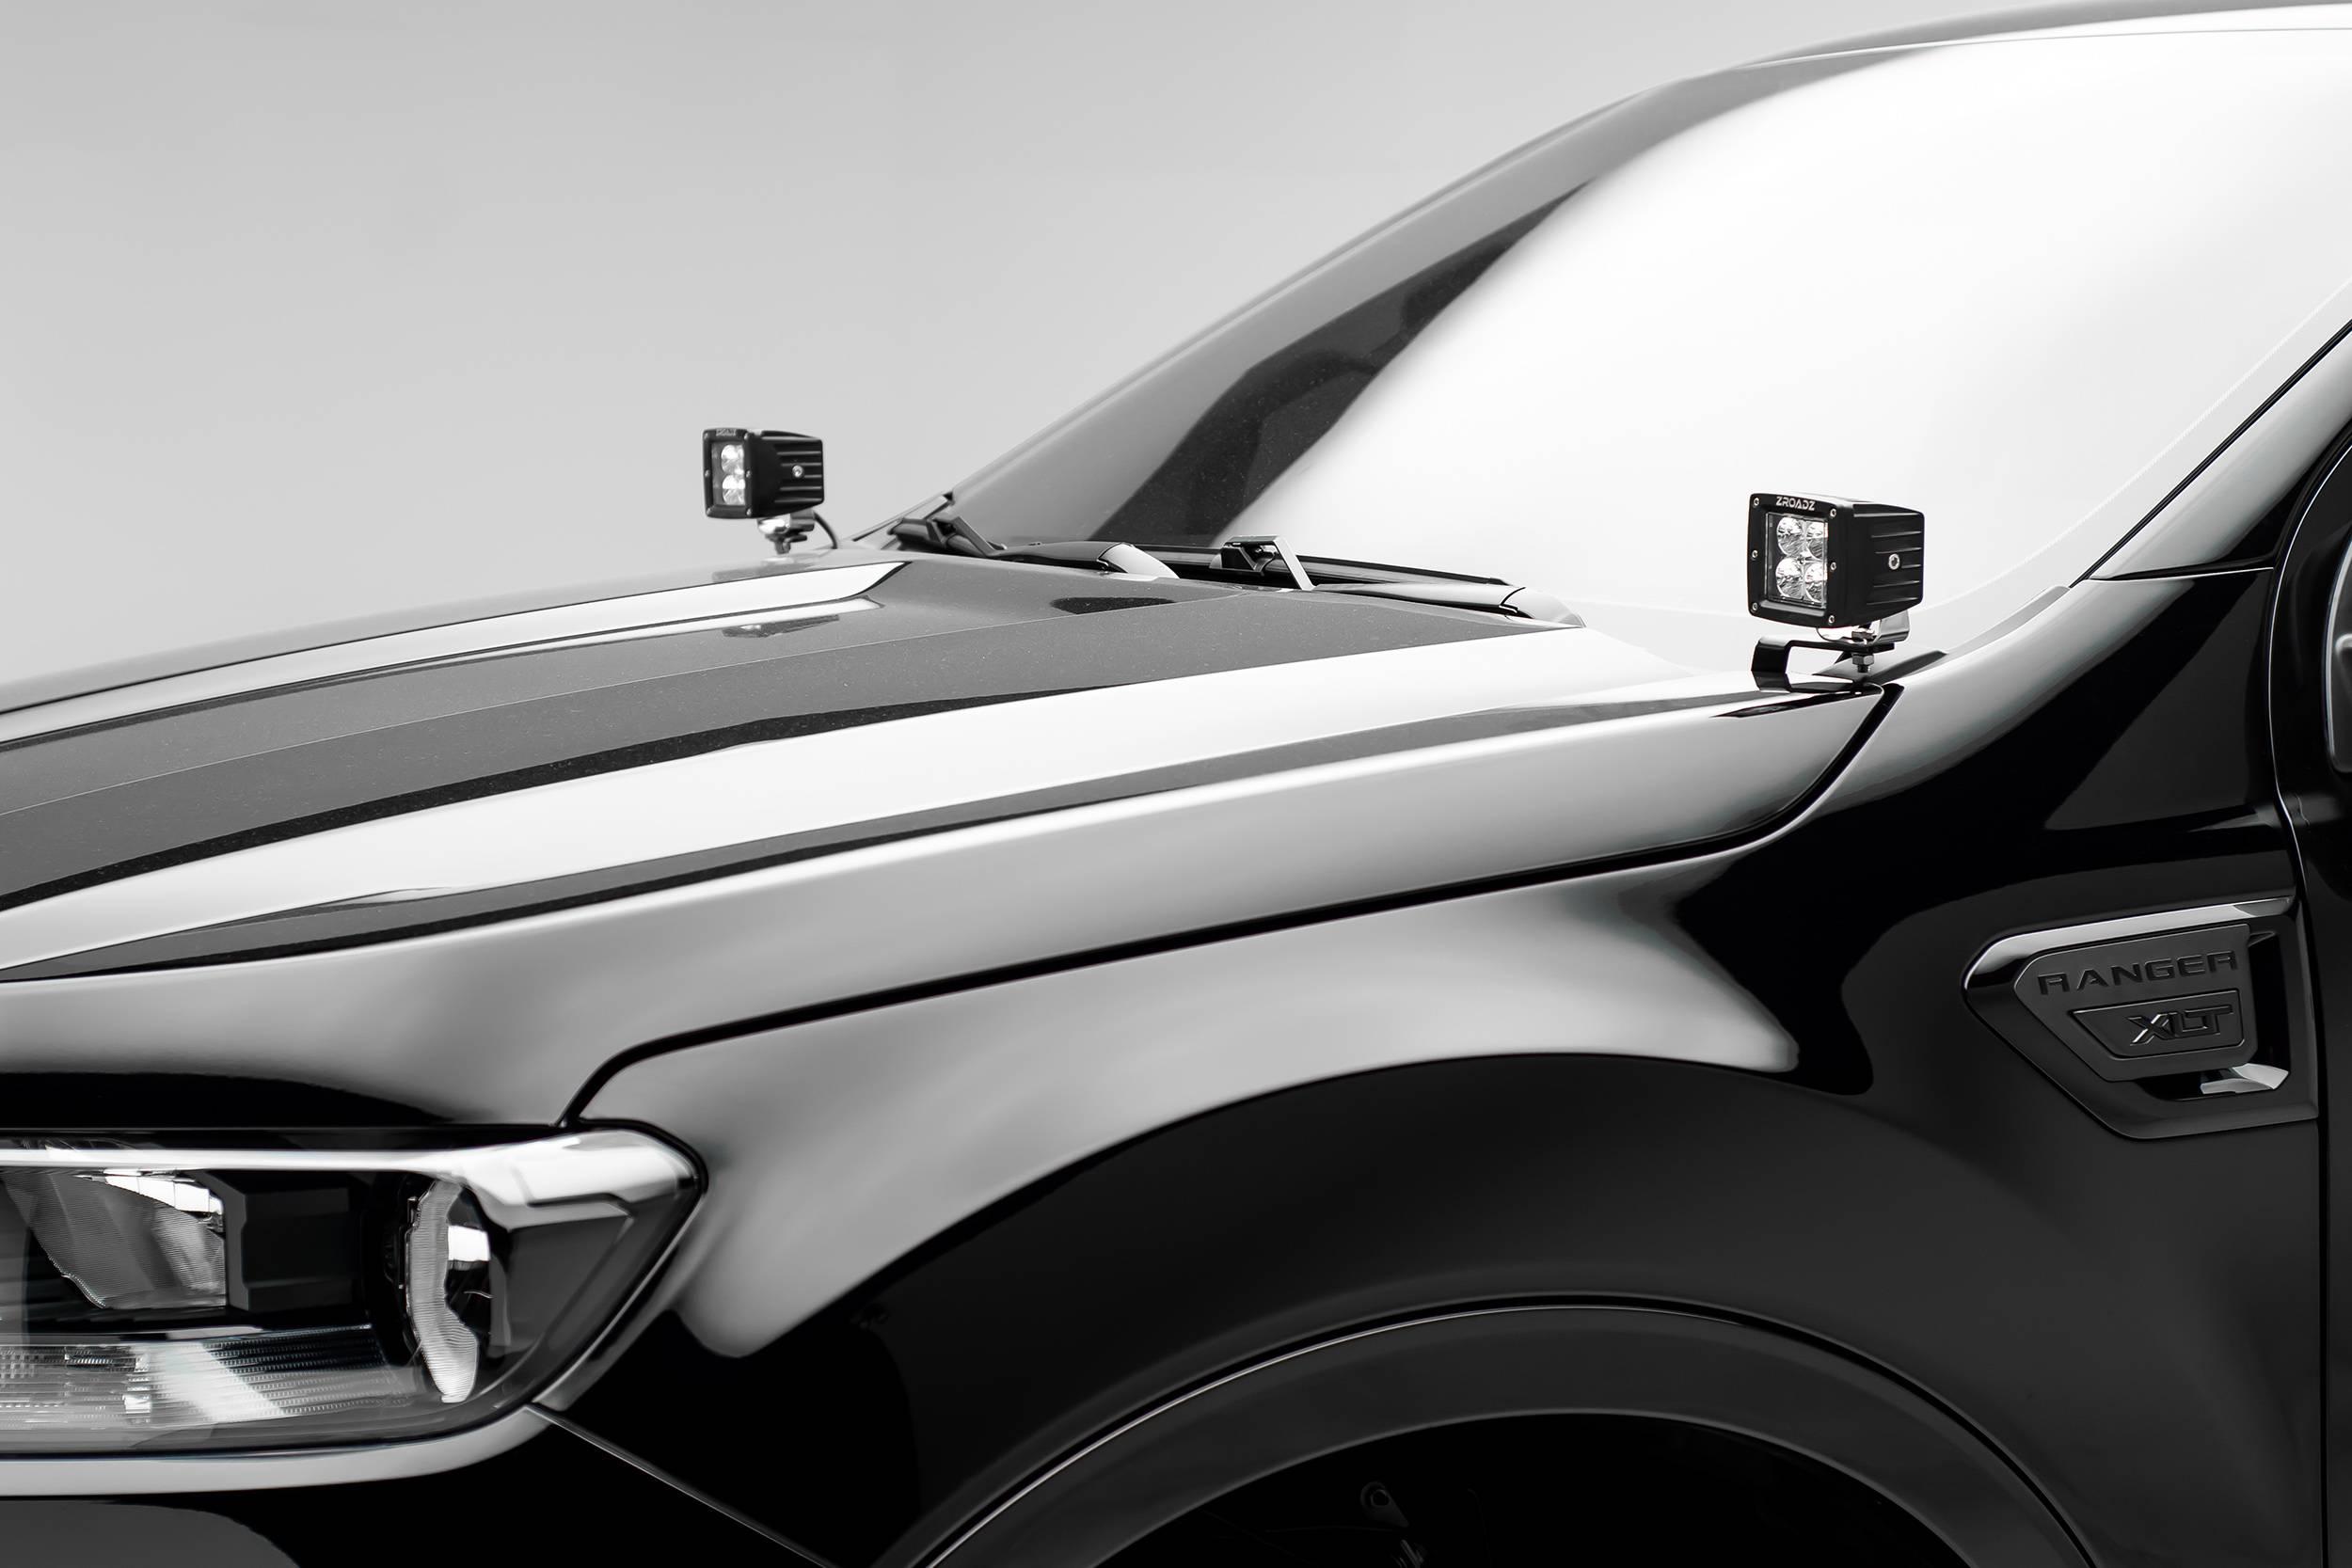 ZROADZ                                             - 2019-2020 Ford Ranger Hood Hinge LED Bracket to mount (2) 3 Inch LED Pod Lights - PN #Z365821